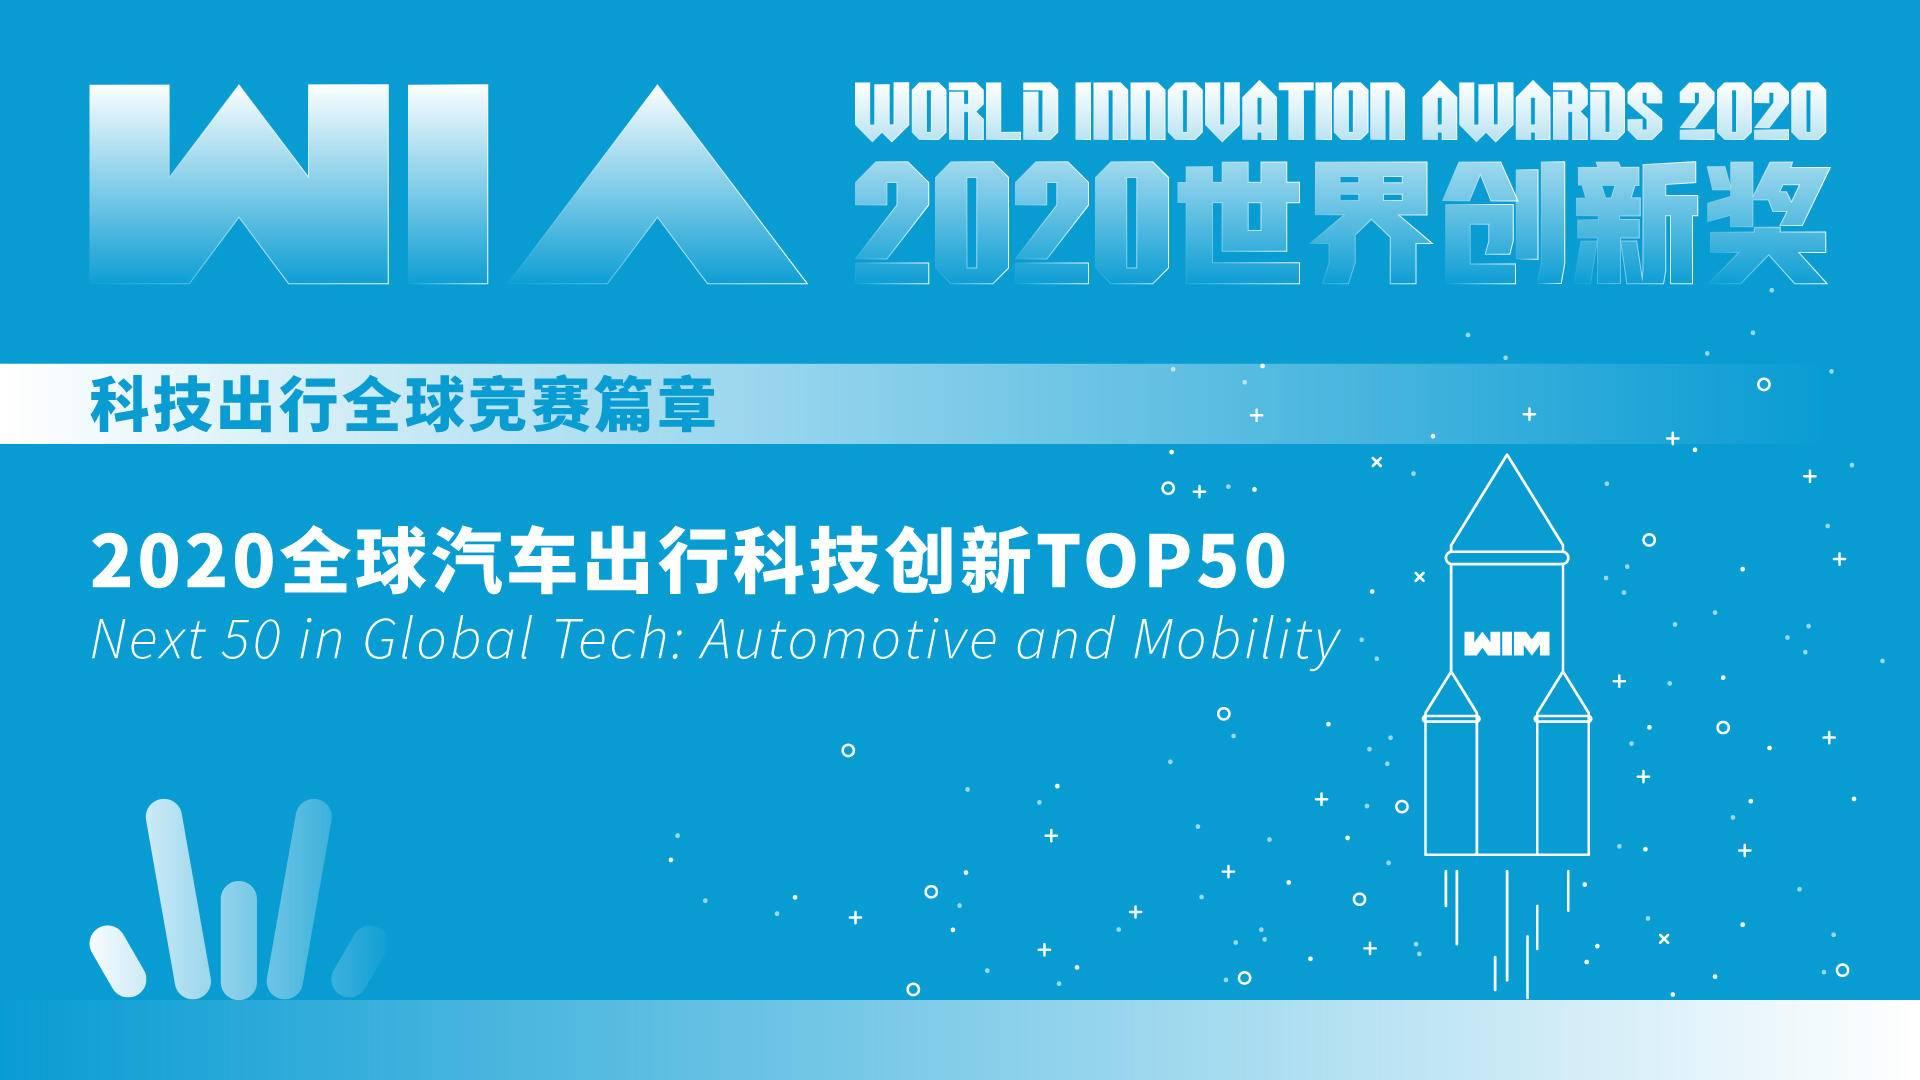 WIA2020丨全球汽车出行科技创新TOP50